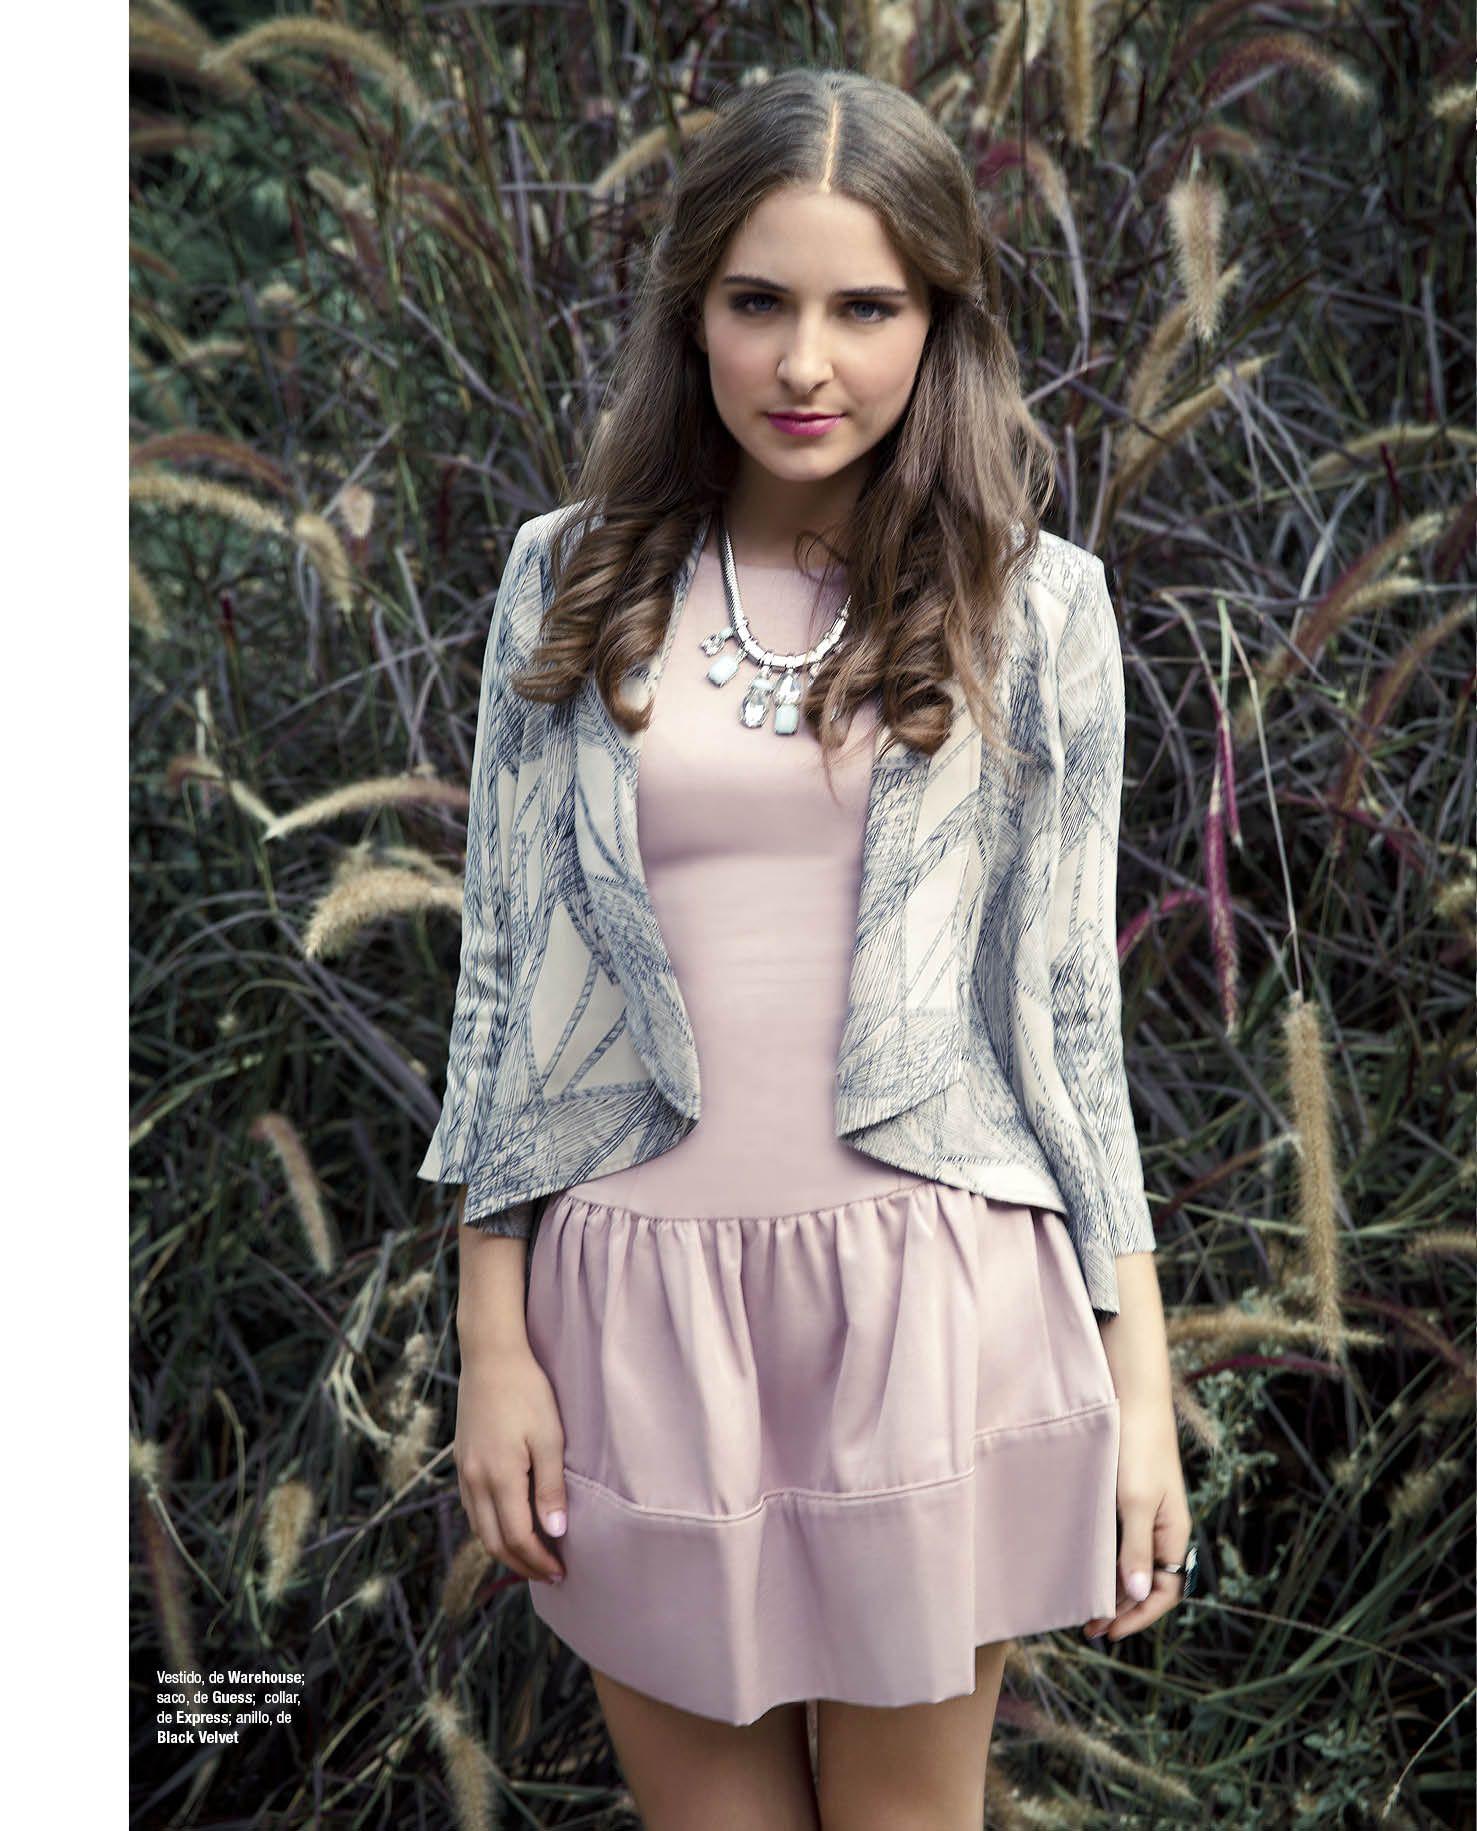 Secret Garden - Revista J #Natural #Girly #Garden #Editorials #Delicate